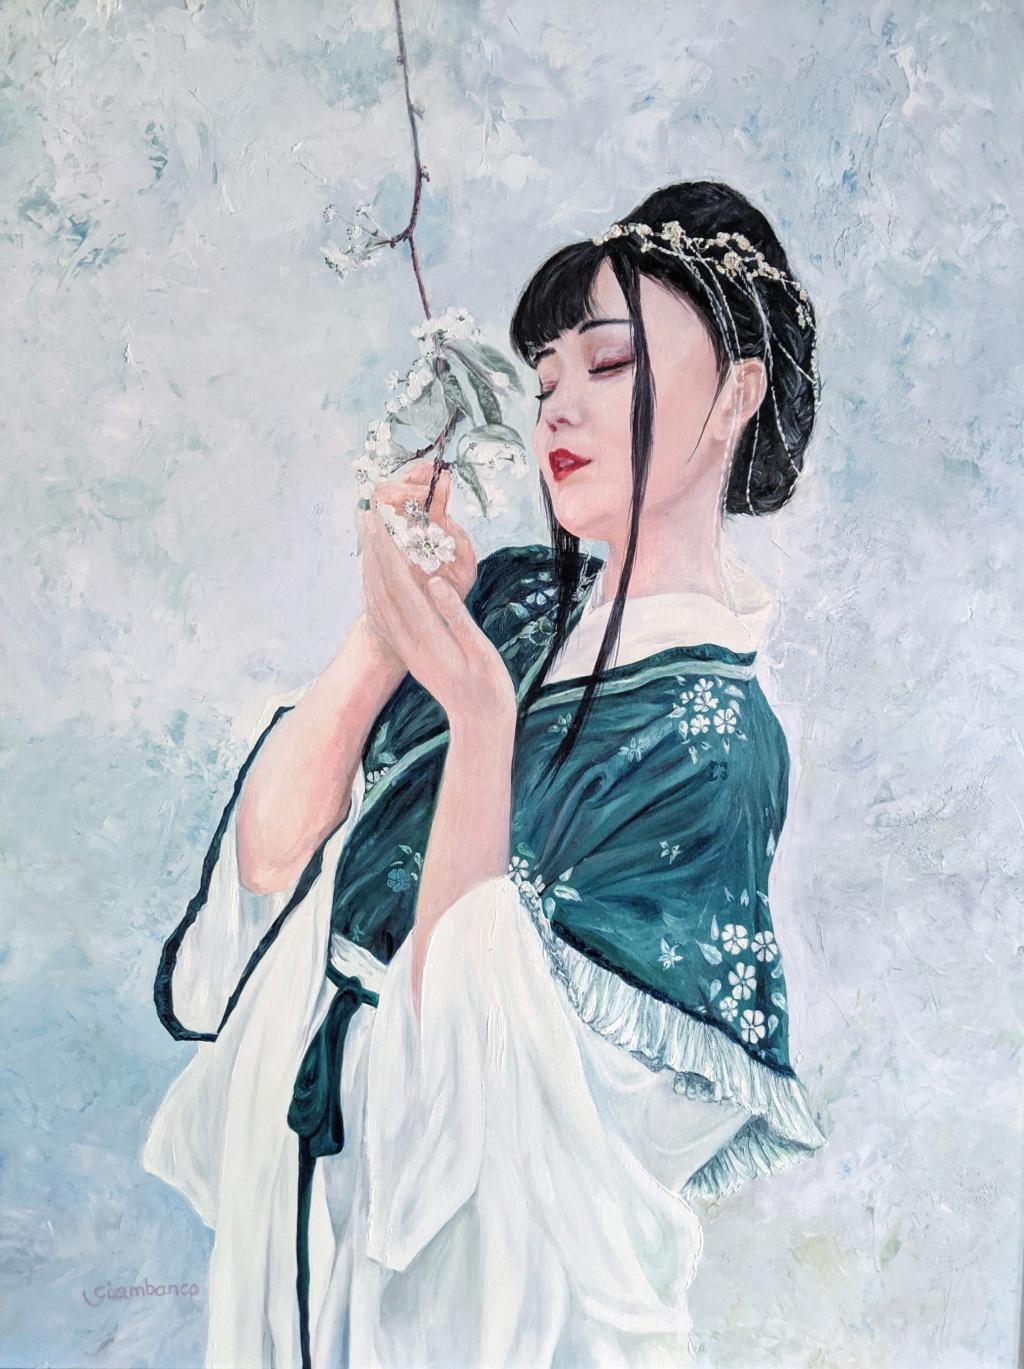 Óleo sobre lienzo. 73 x 92 cm